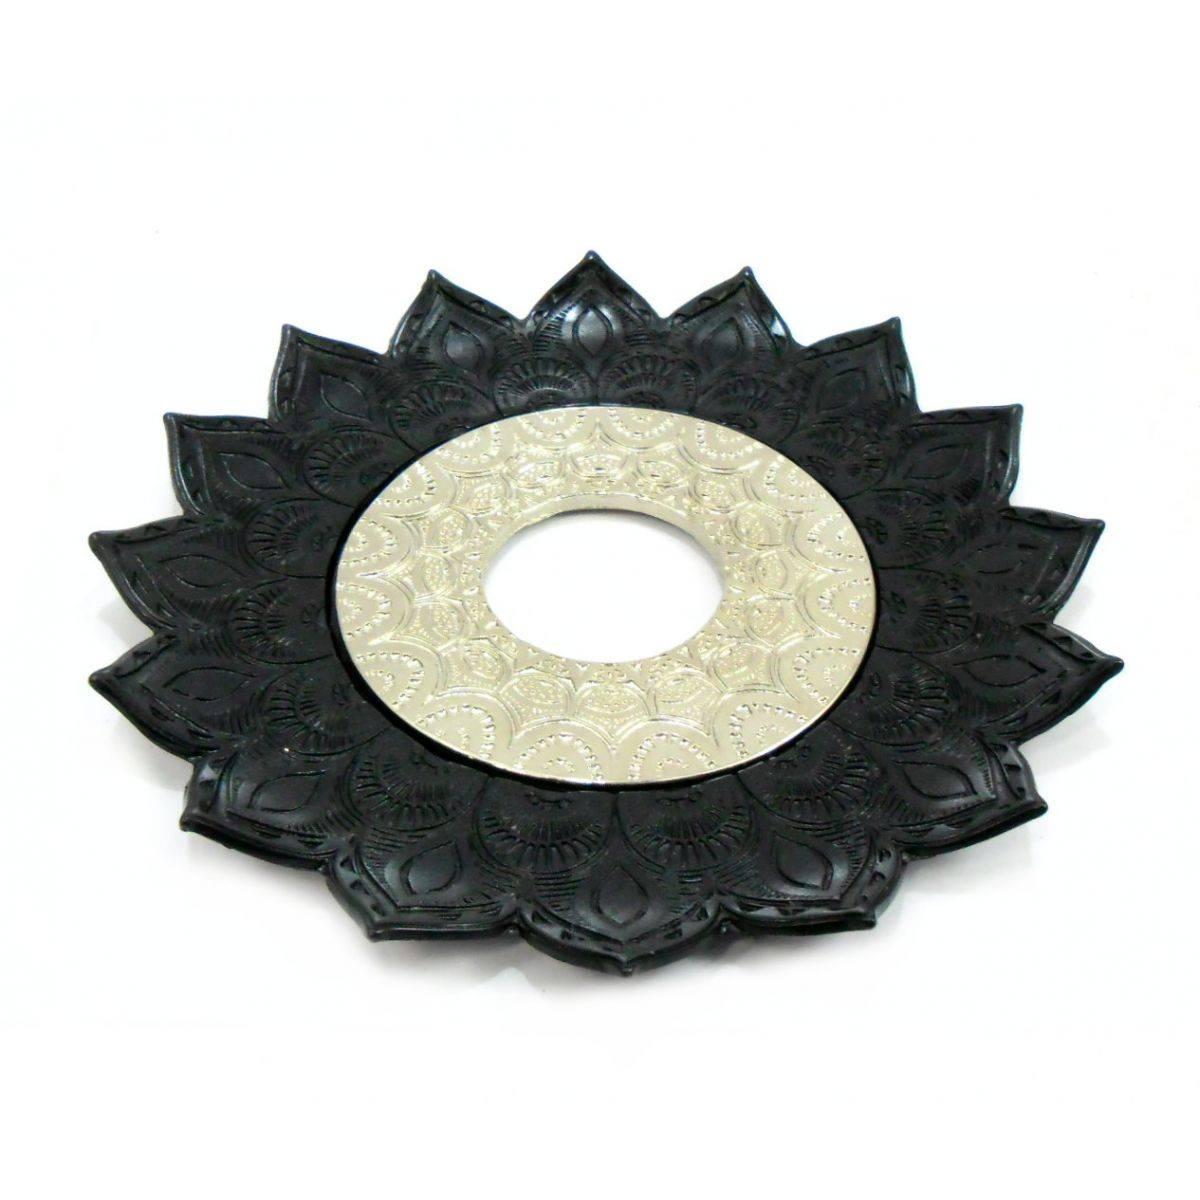 Prato para narguile mod. Artemis 17cm diâm. Em liga metálica inox e decorado. Cor PRETO.